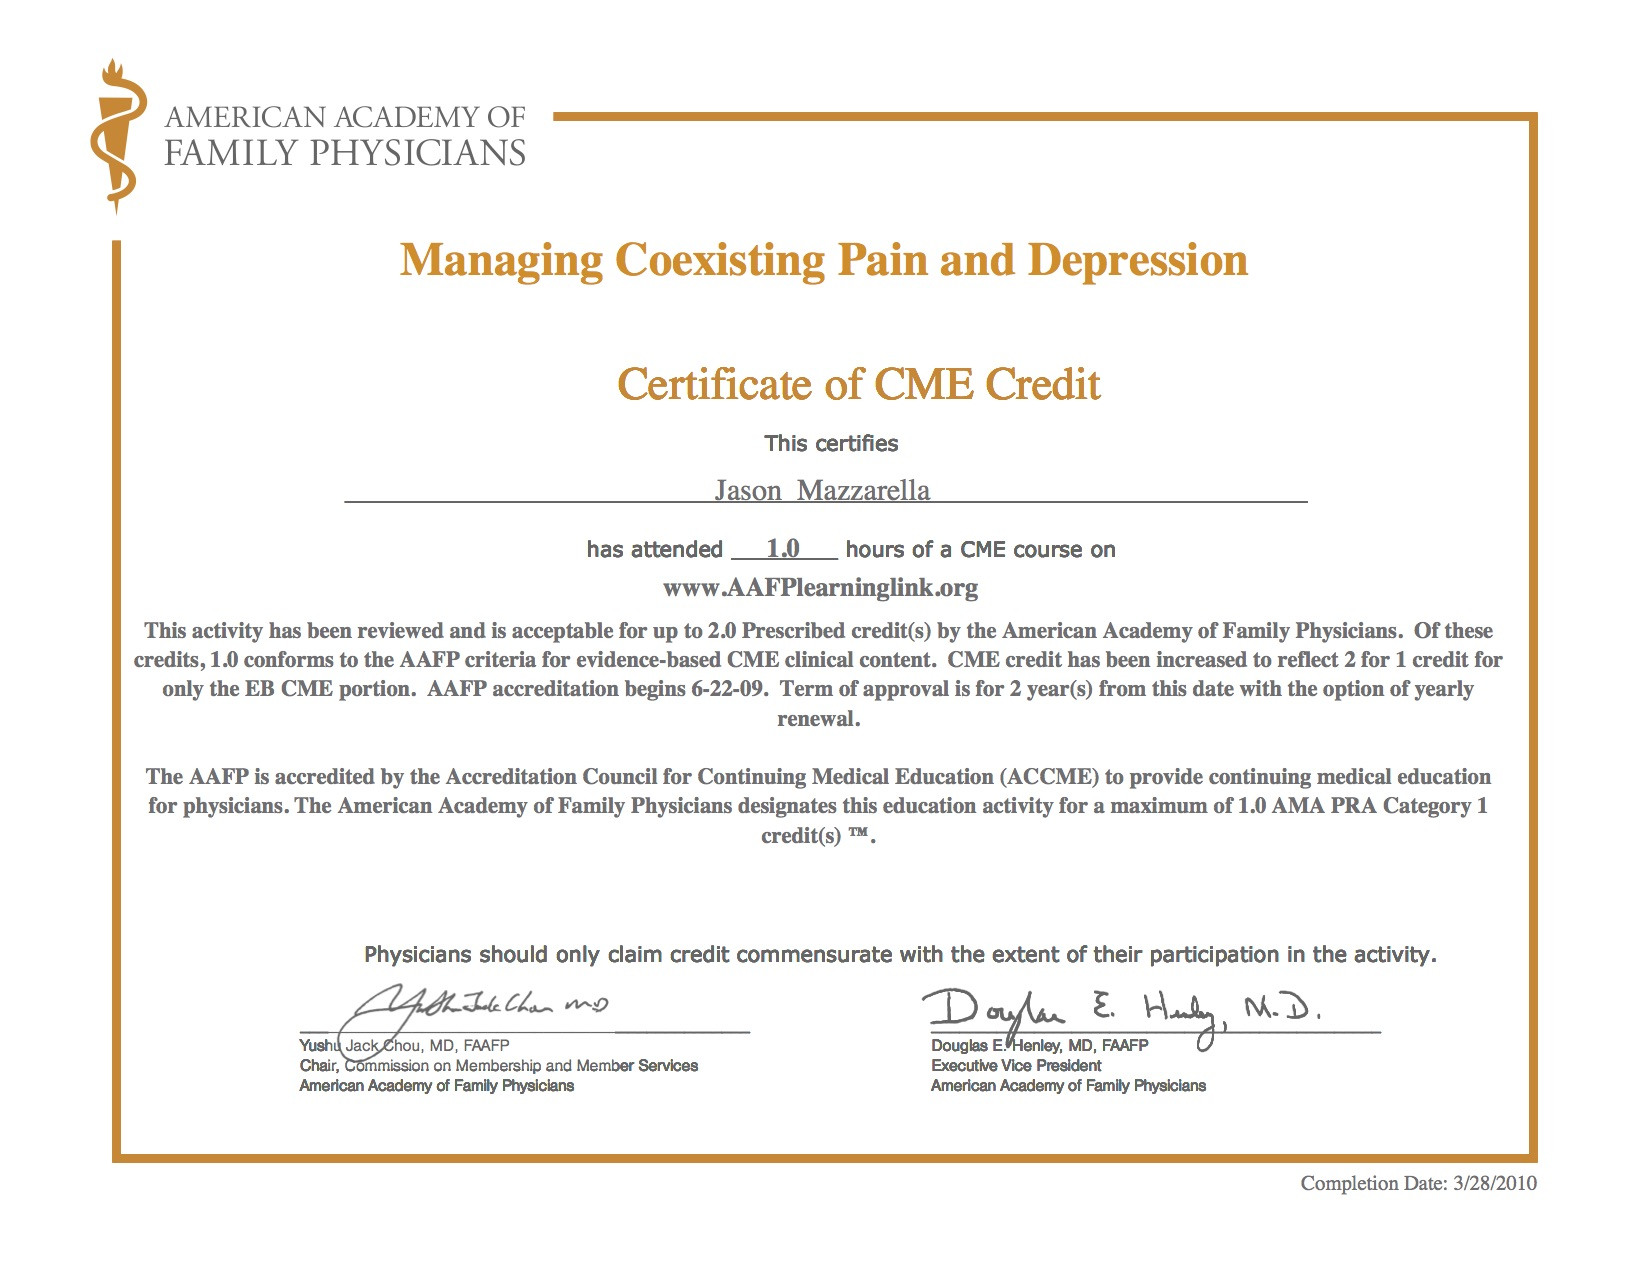 AAFM.certificate.6